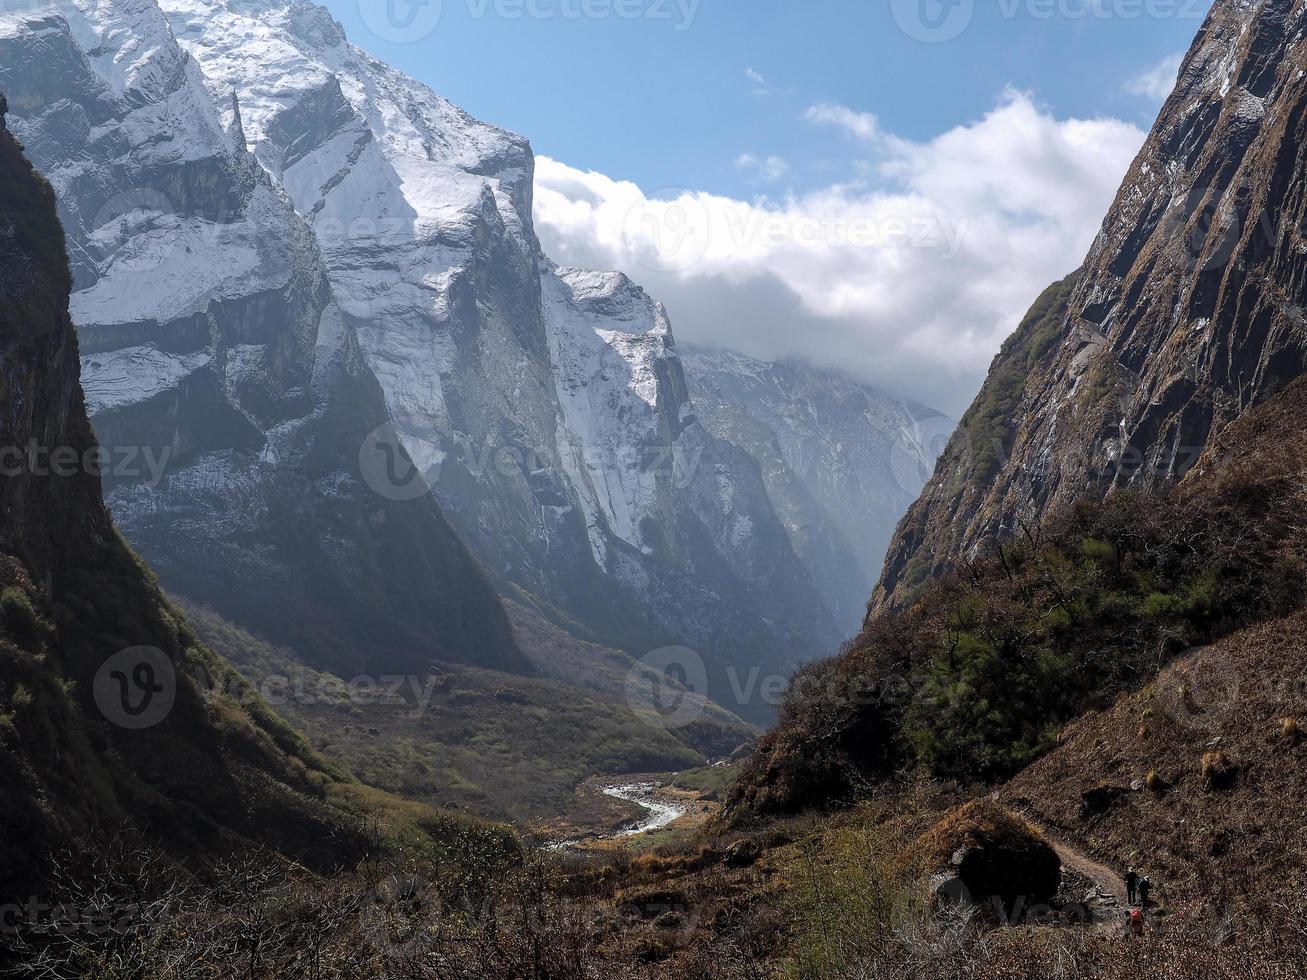 modi khola valley, la strada per il campo base di annapurna, nepal foto